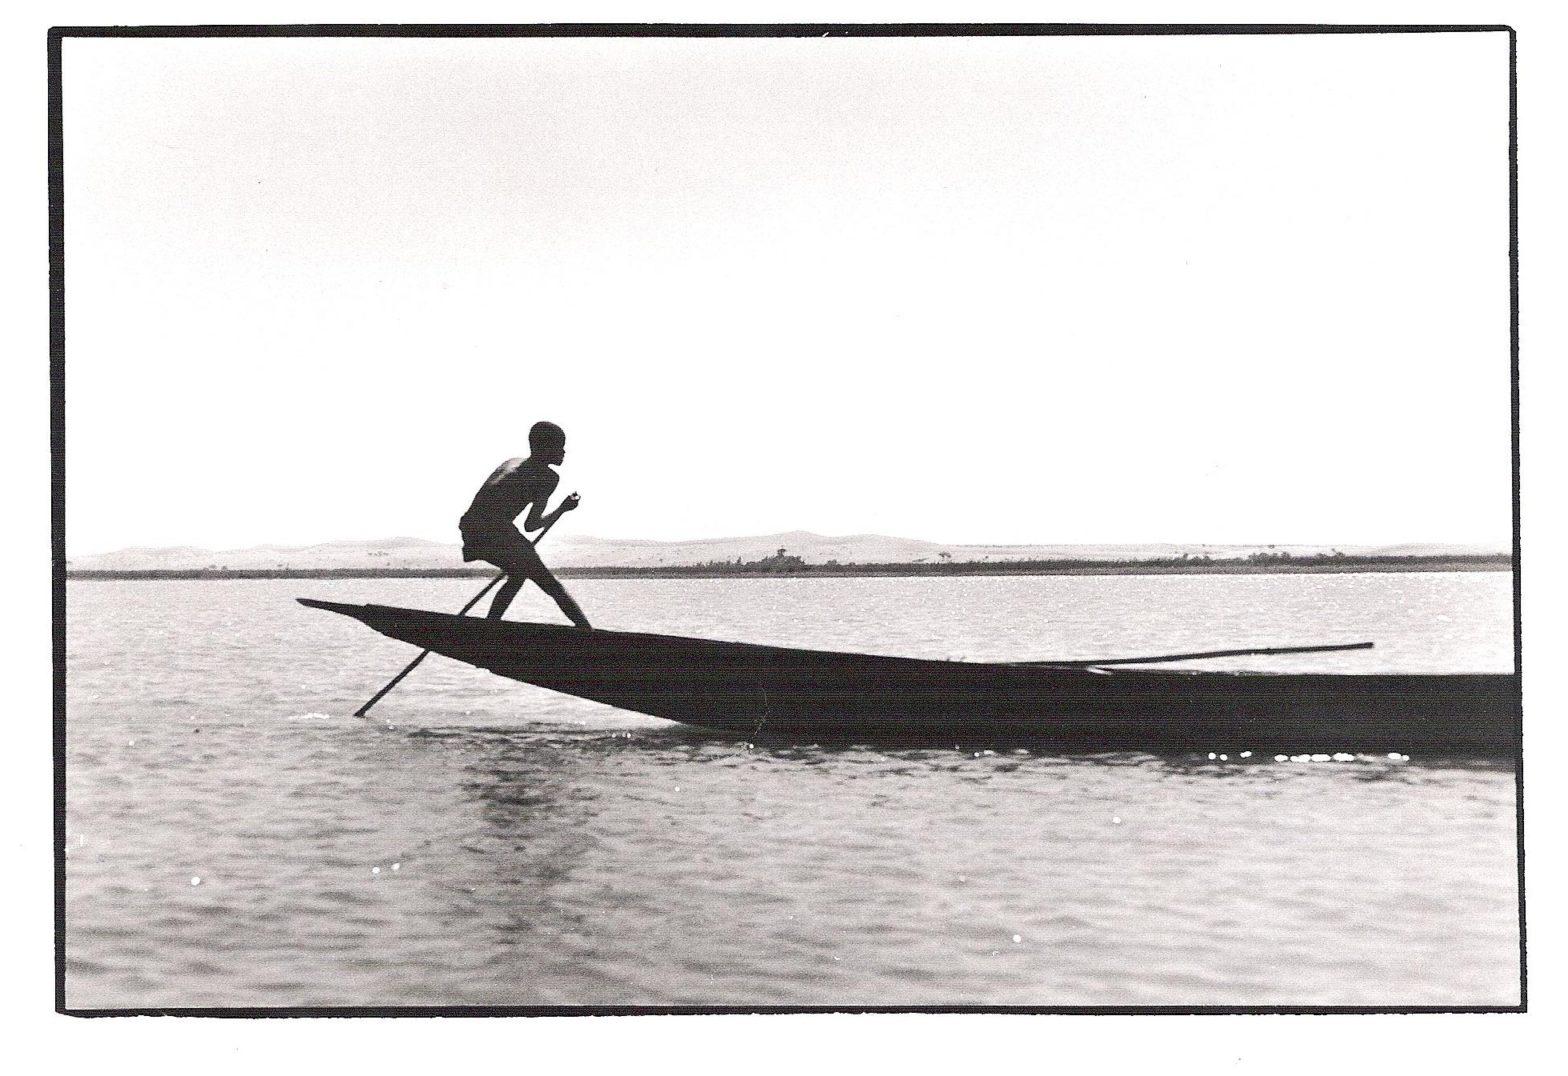 Le piroguier, Mali, photo noir et blanc, Jean-Pierre Devals